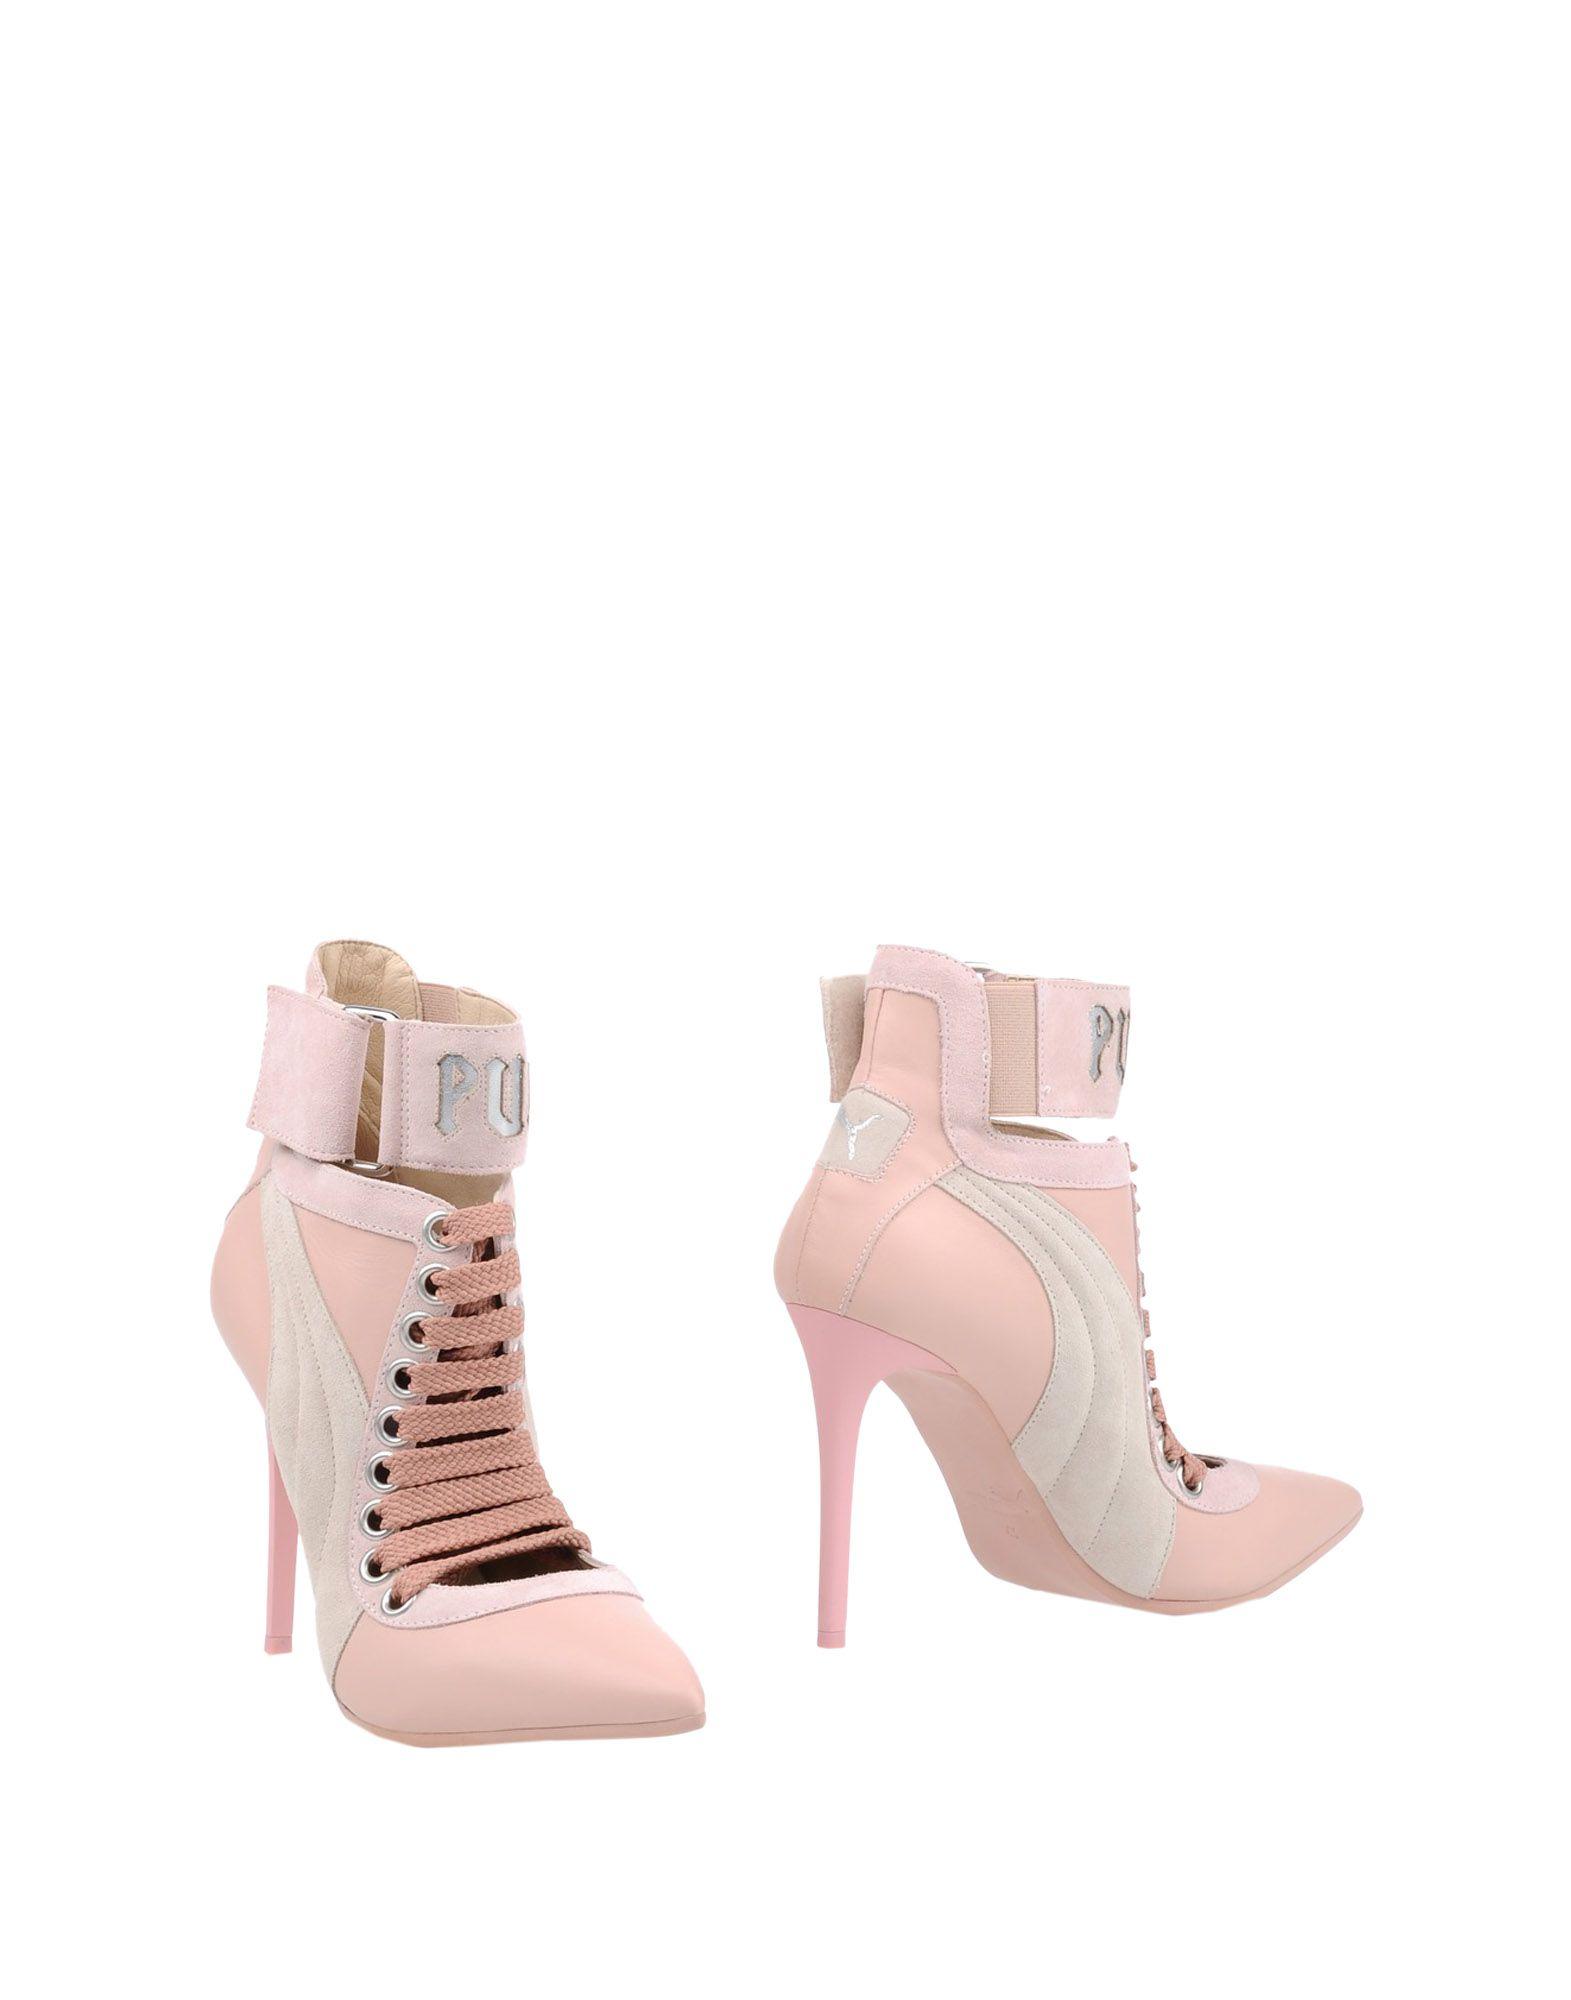 Fenty Puma By Rihanna Ankle Boot - Women Fenty Puma online By Rihanna Ankle Boots online Puma on  Canada - 11365086VG 56312f